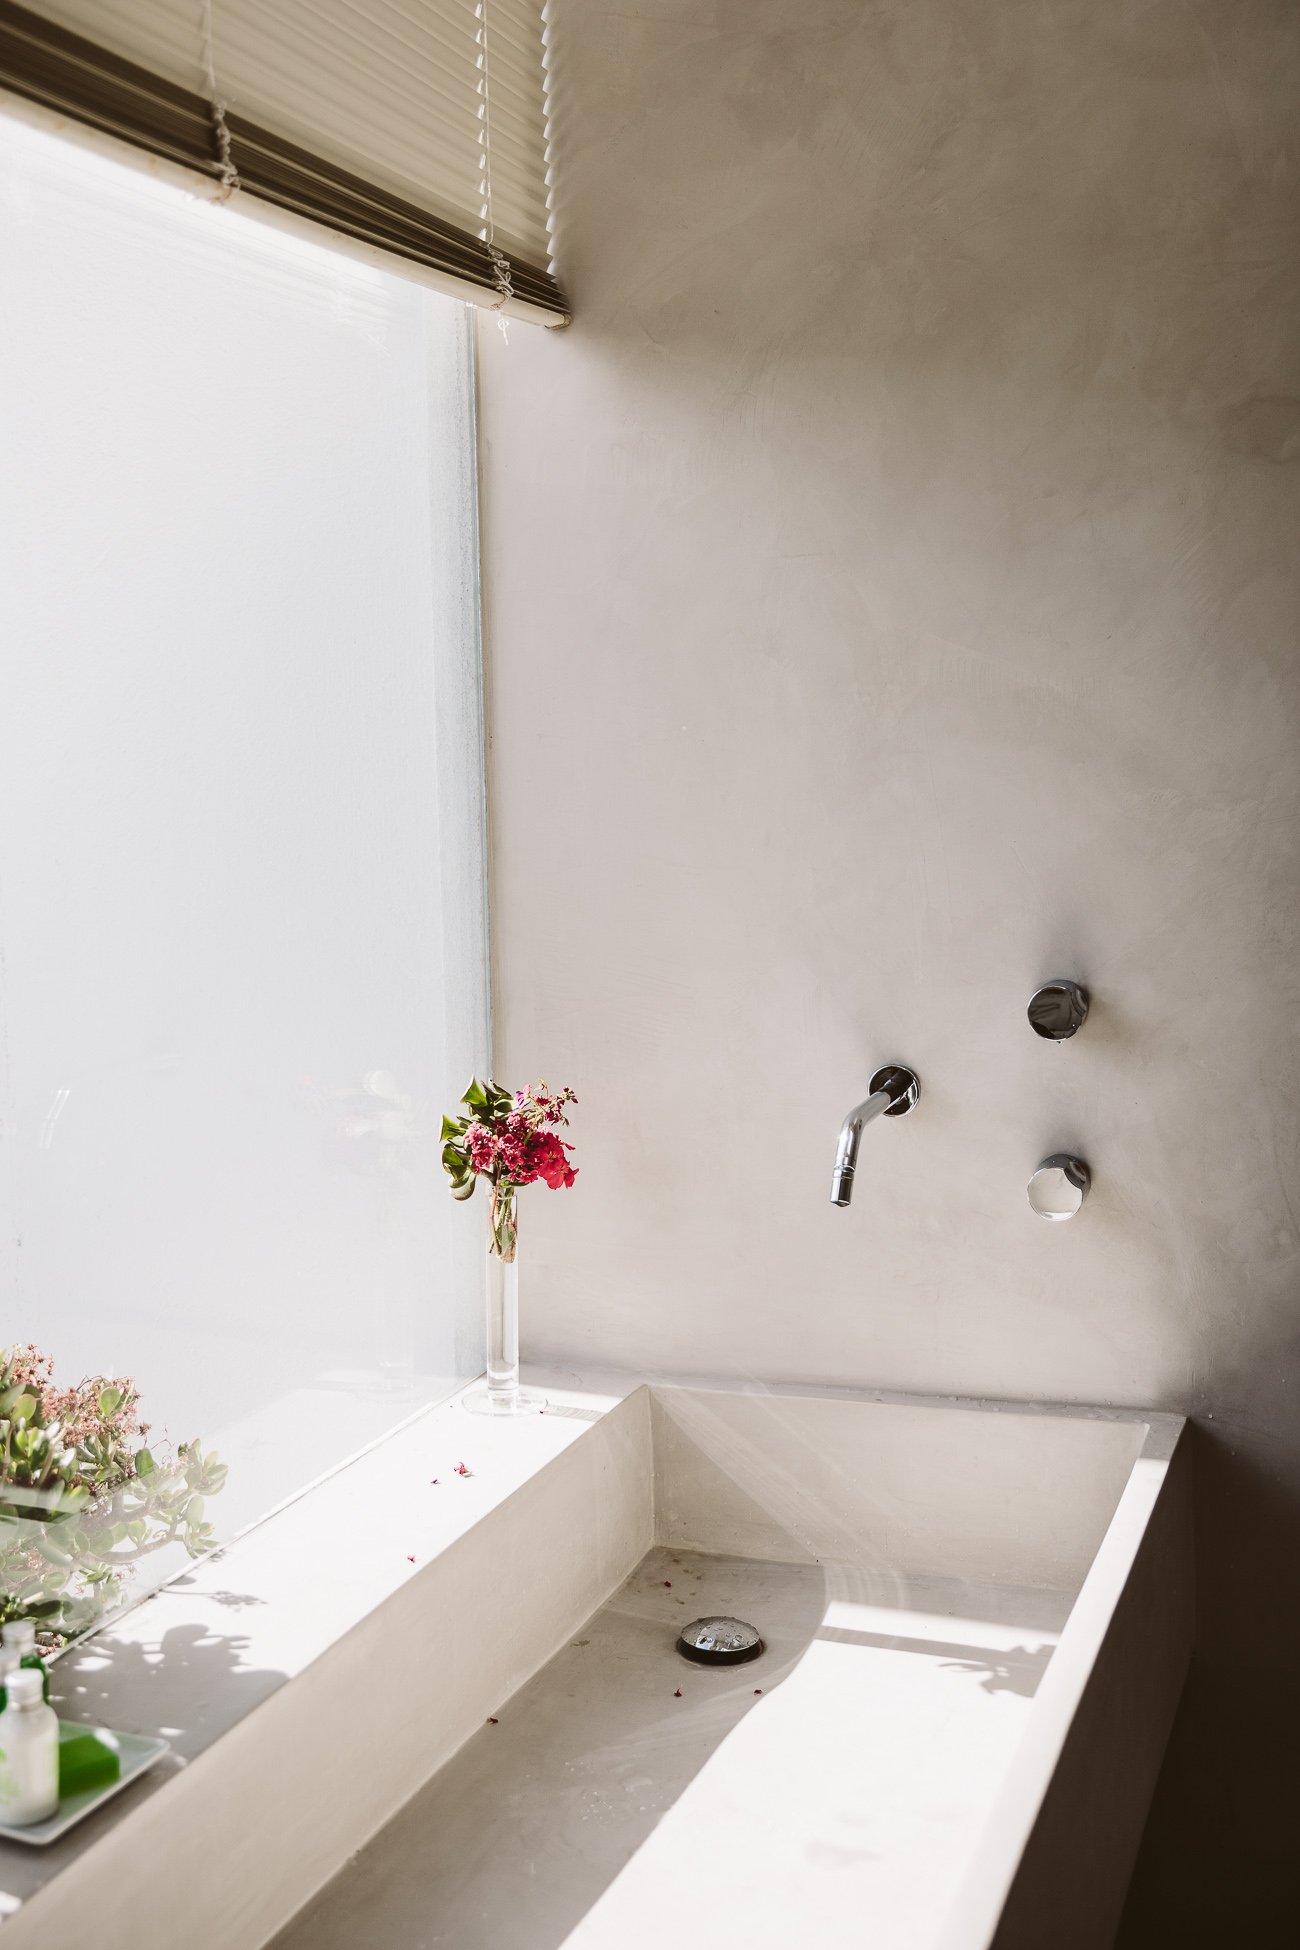 The bathroom of Suite Sur at Buenavista Country Suites Lanzarote